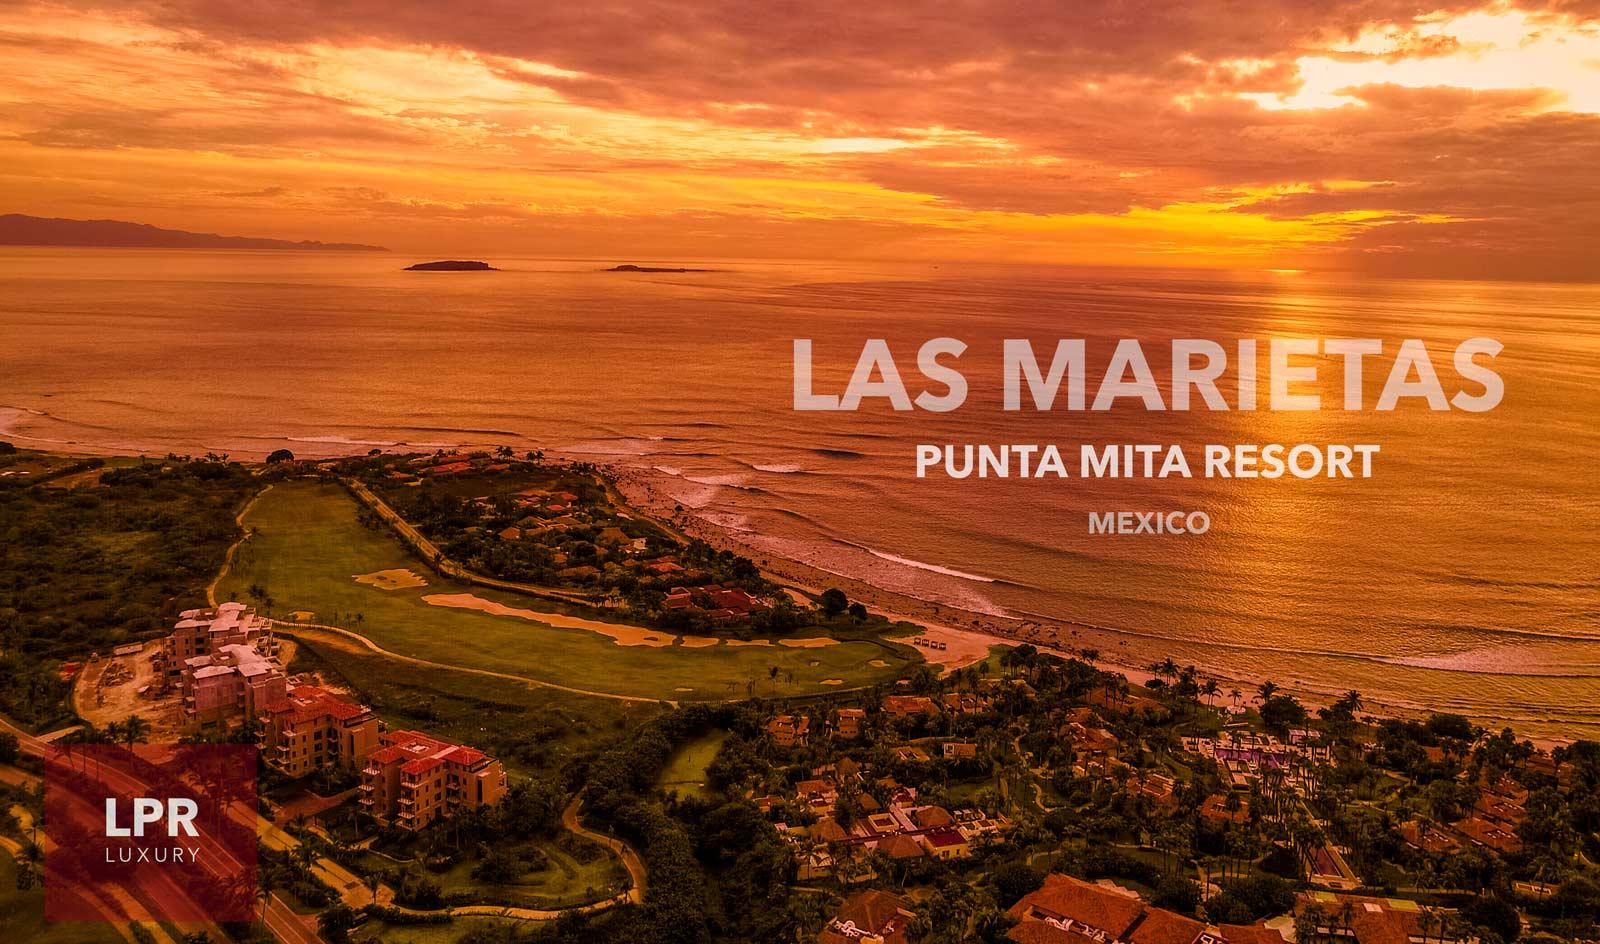 Las Marietas Residences - Luxury ocean view condos at the exclusive Punta Mita Resort, Riviera Nayarit, Mexico